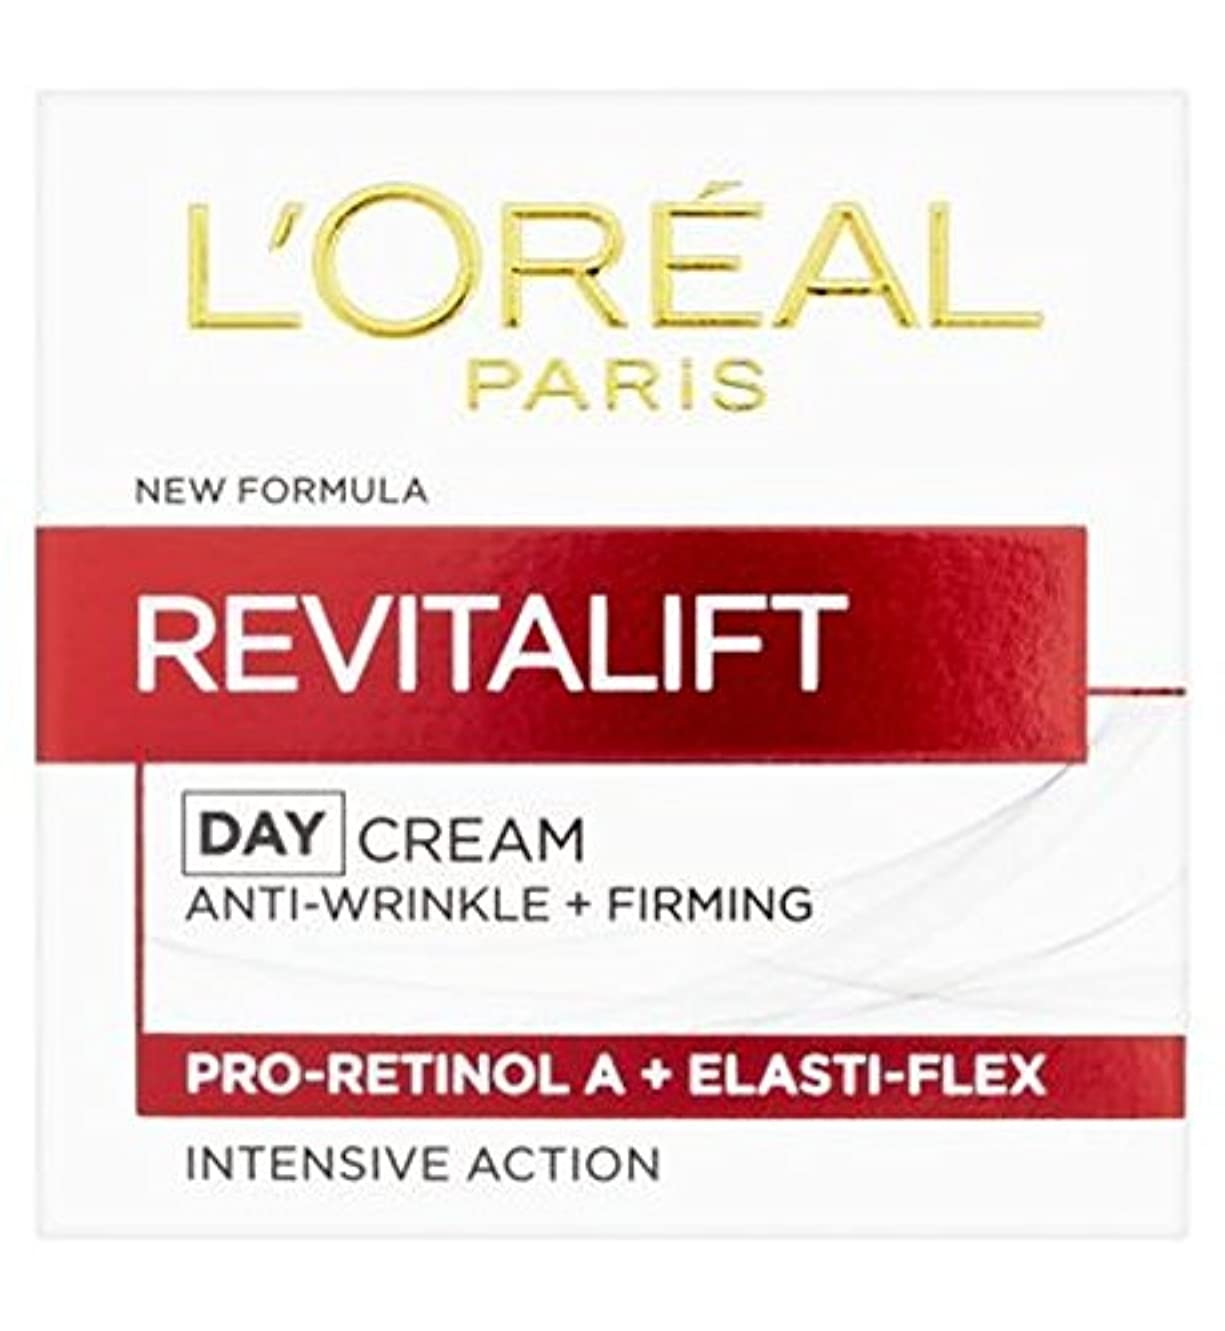 ちょうつがいスペース塩辛いL'Oreal Revitalift Anti Wrinkle and Firming Day Cream 50ml - ロレアルのRevitalift抗シワやファーミングデイクリーム50ミリリットル (L'Oreal)...